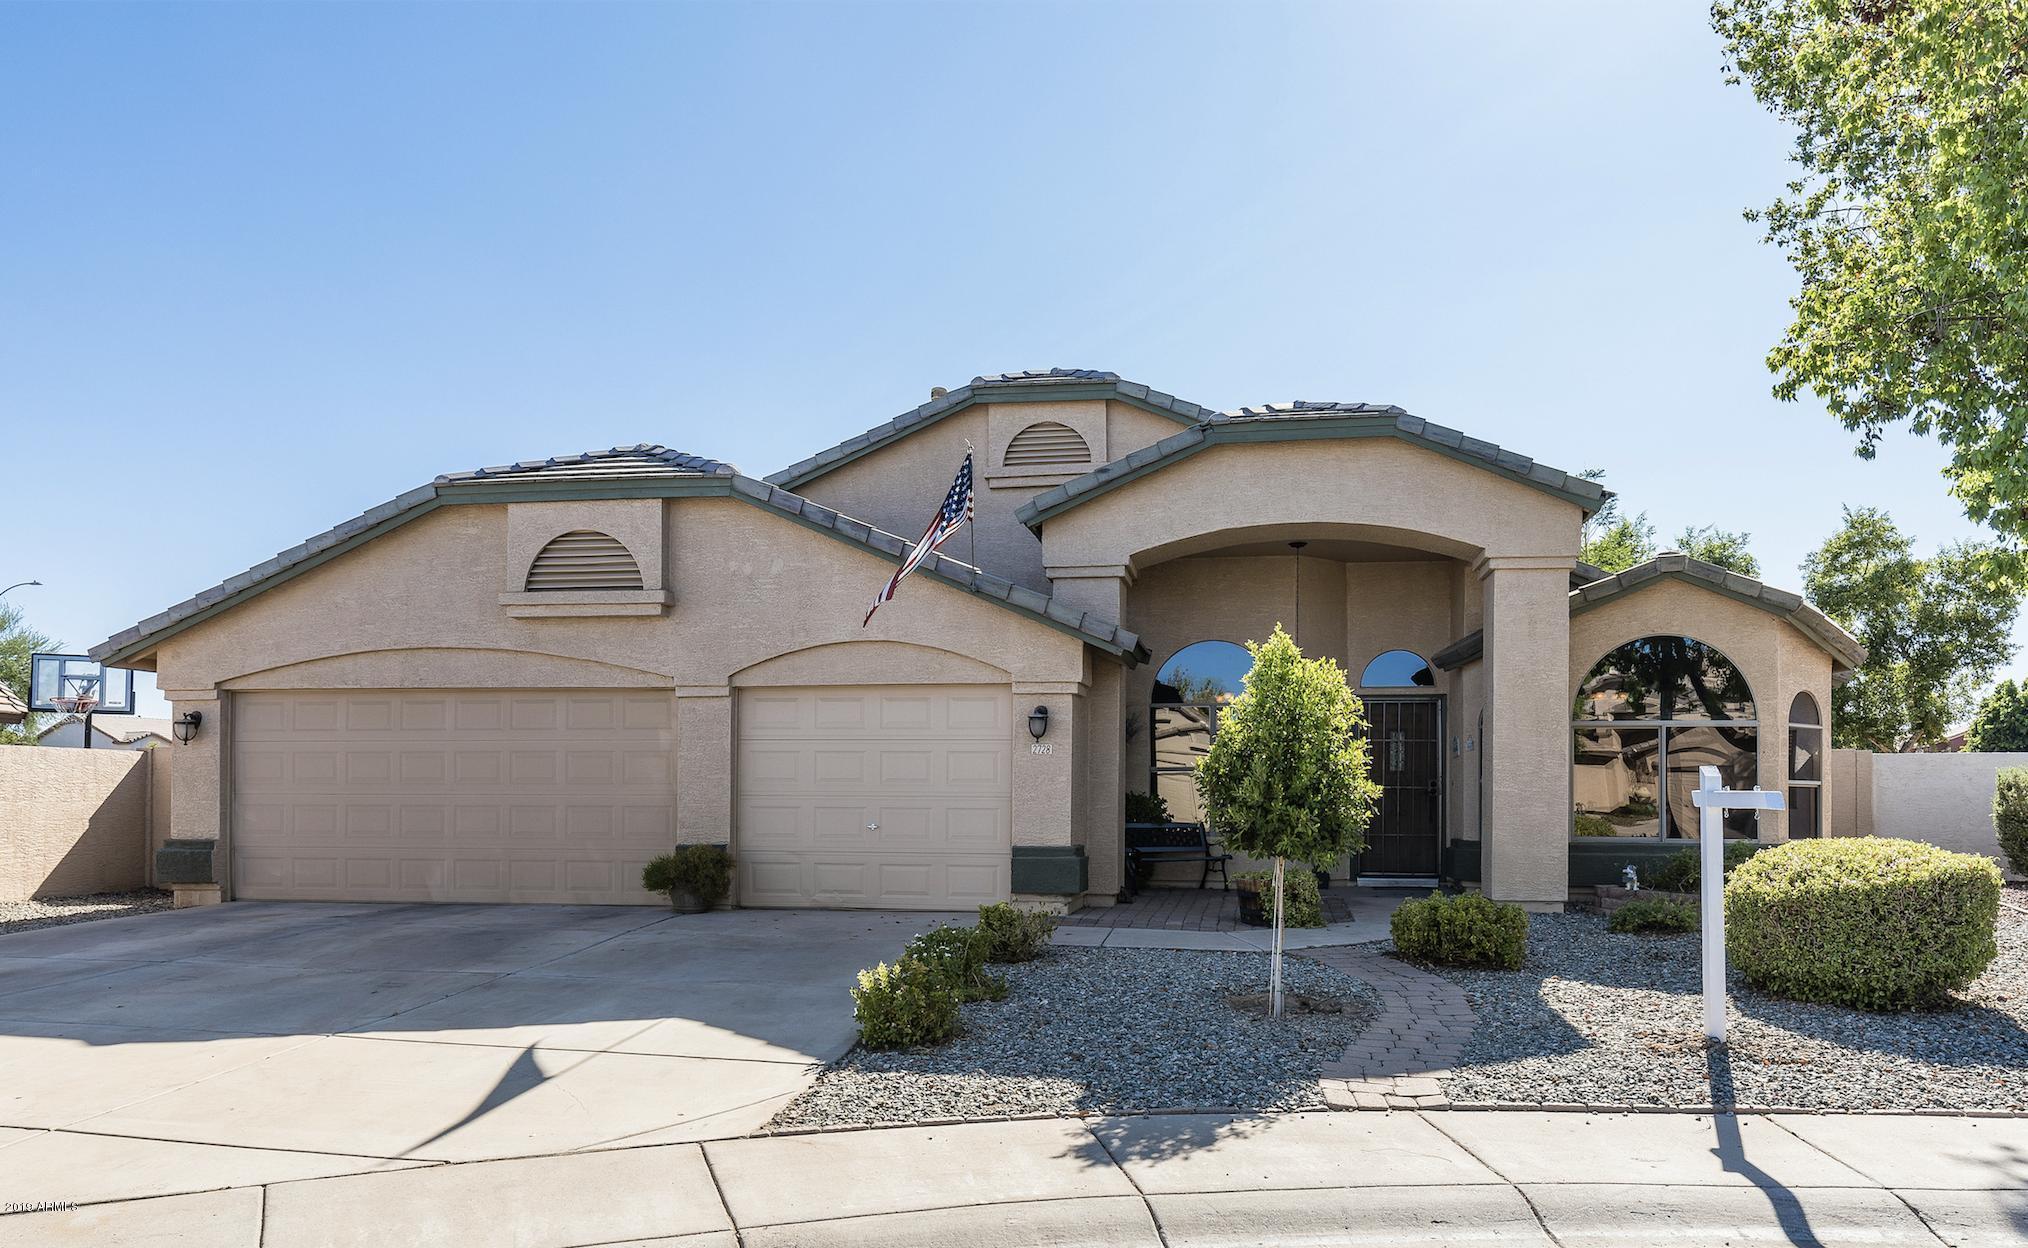 Photo of 2728 N 127TH Drive, Avondale, AZ 85392